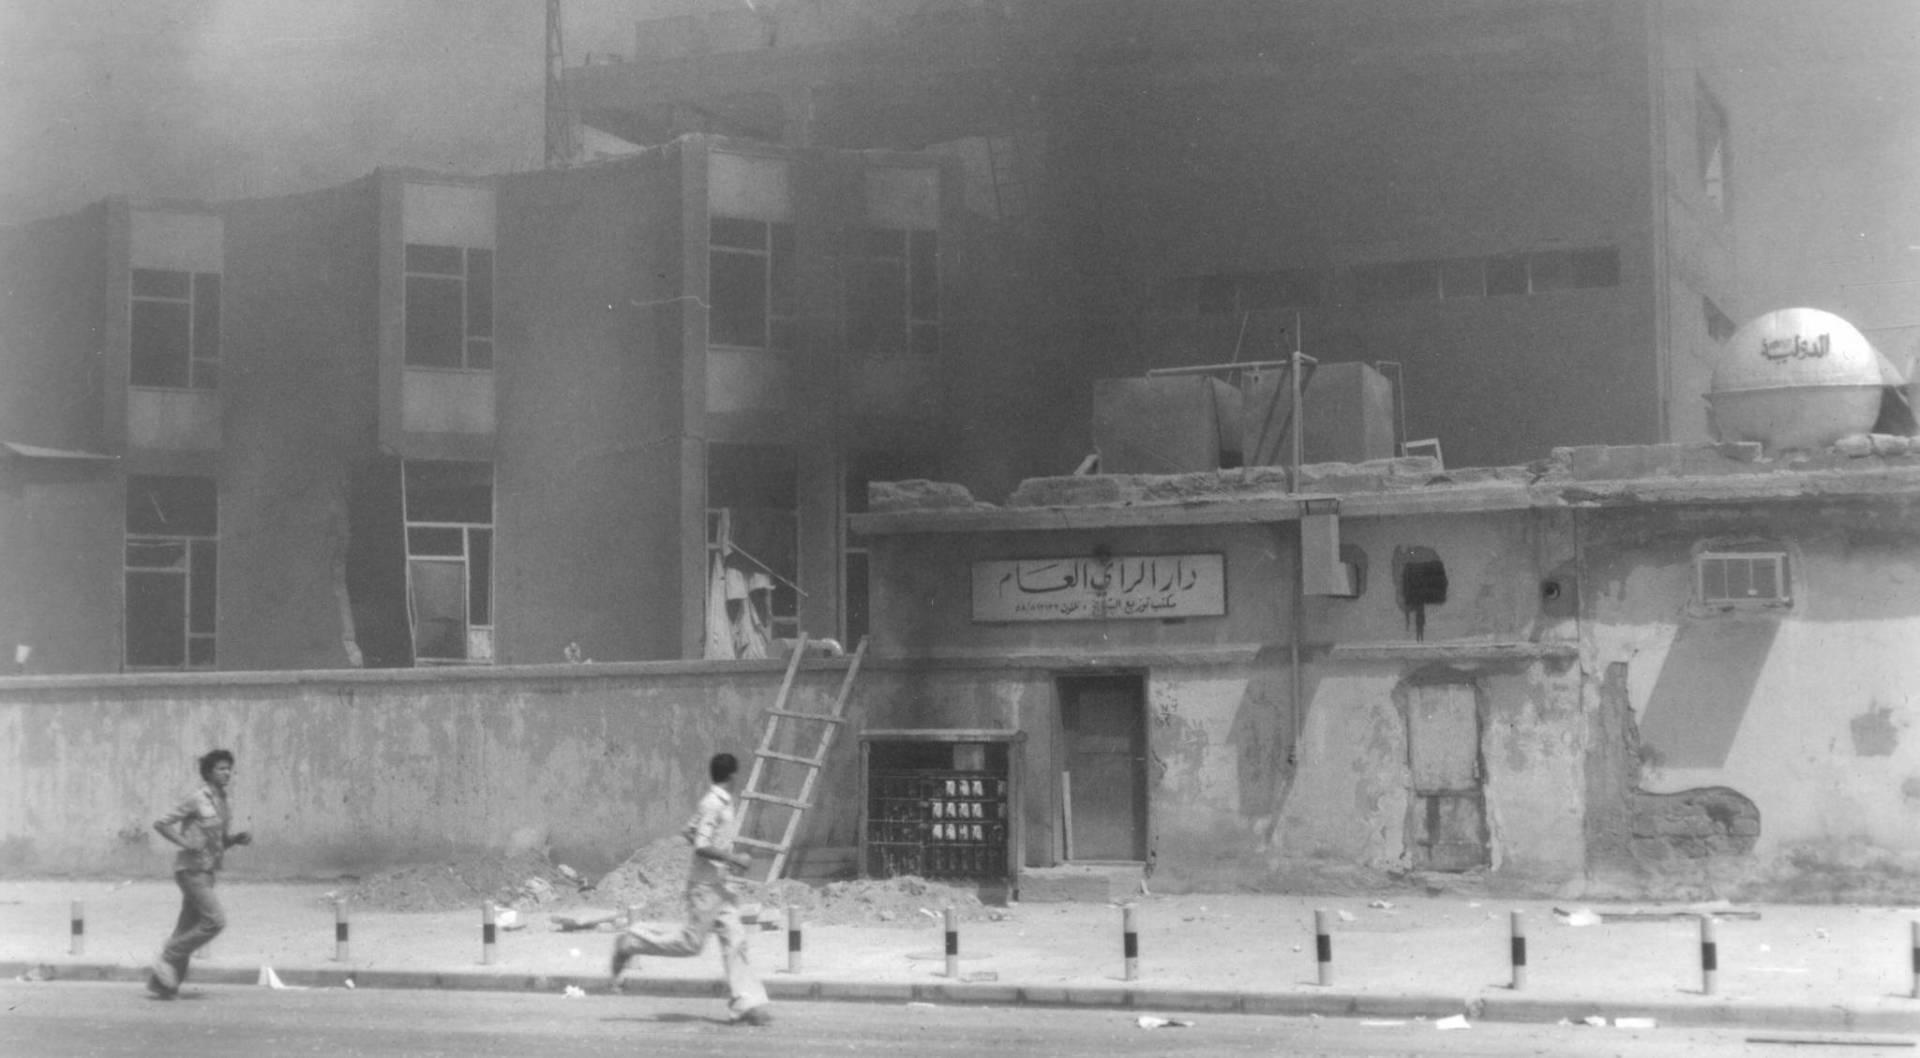 حادث تفجير مبنى الزميلة «الرأي العام».. صورة أرشيفية